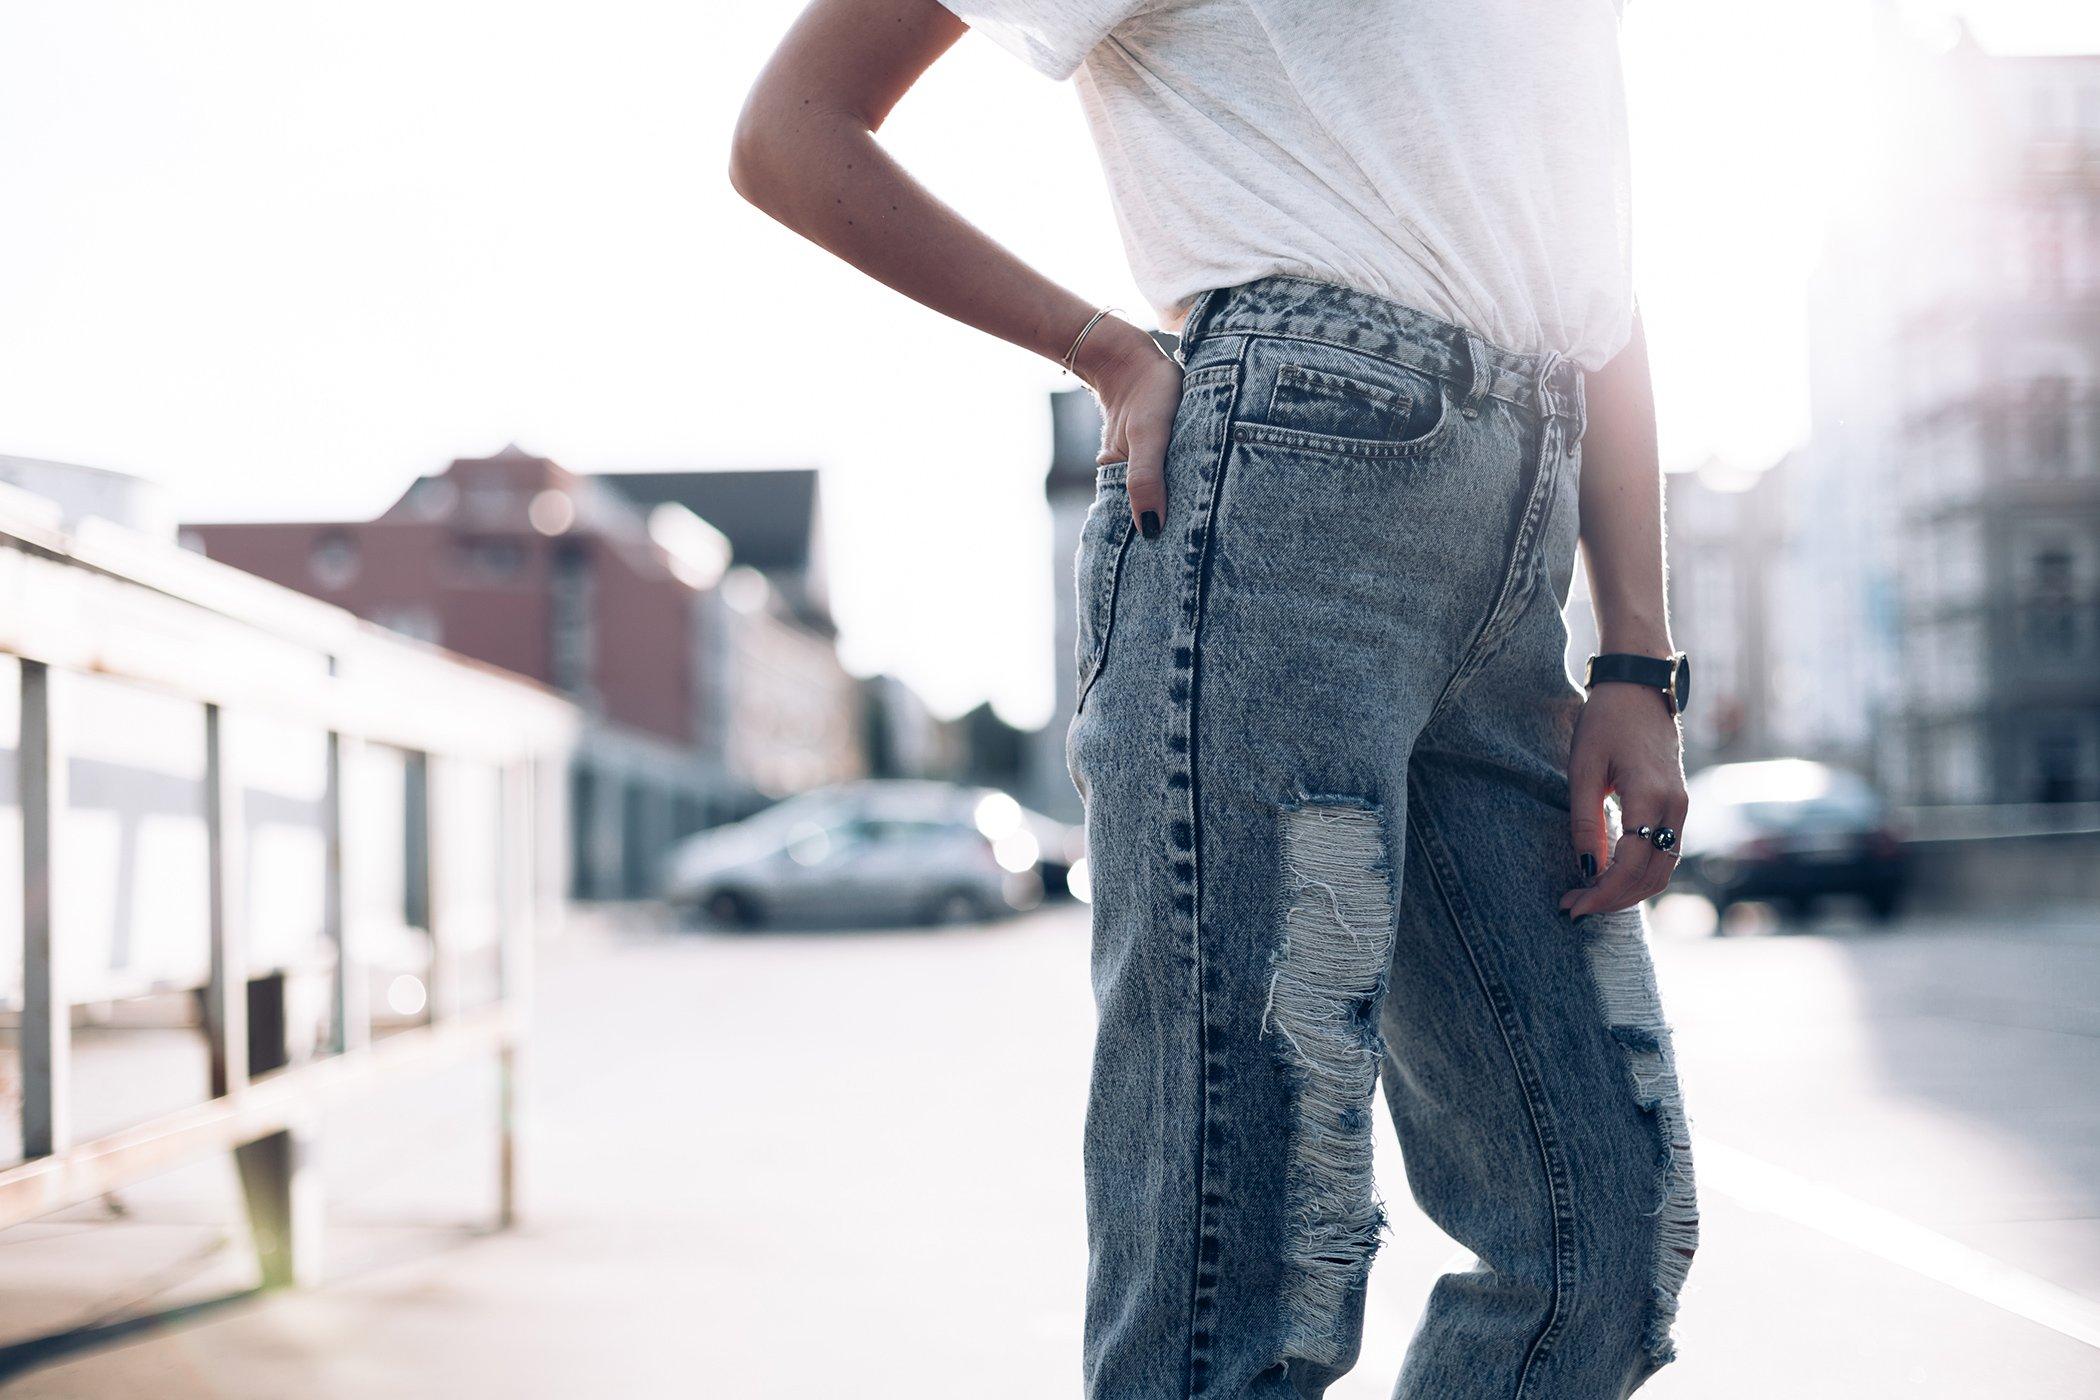 mikuta-loves-her-jeans-11